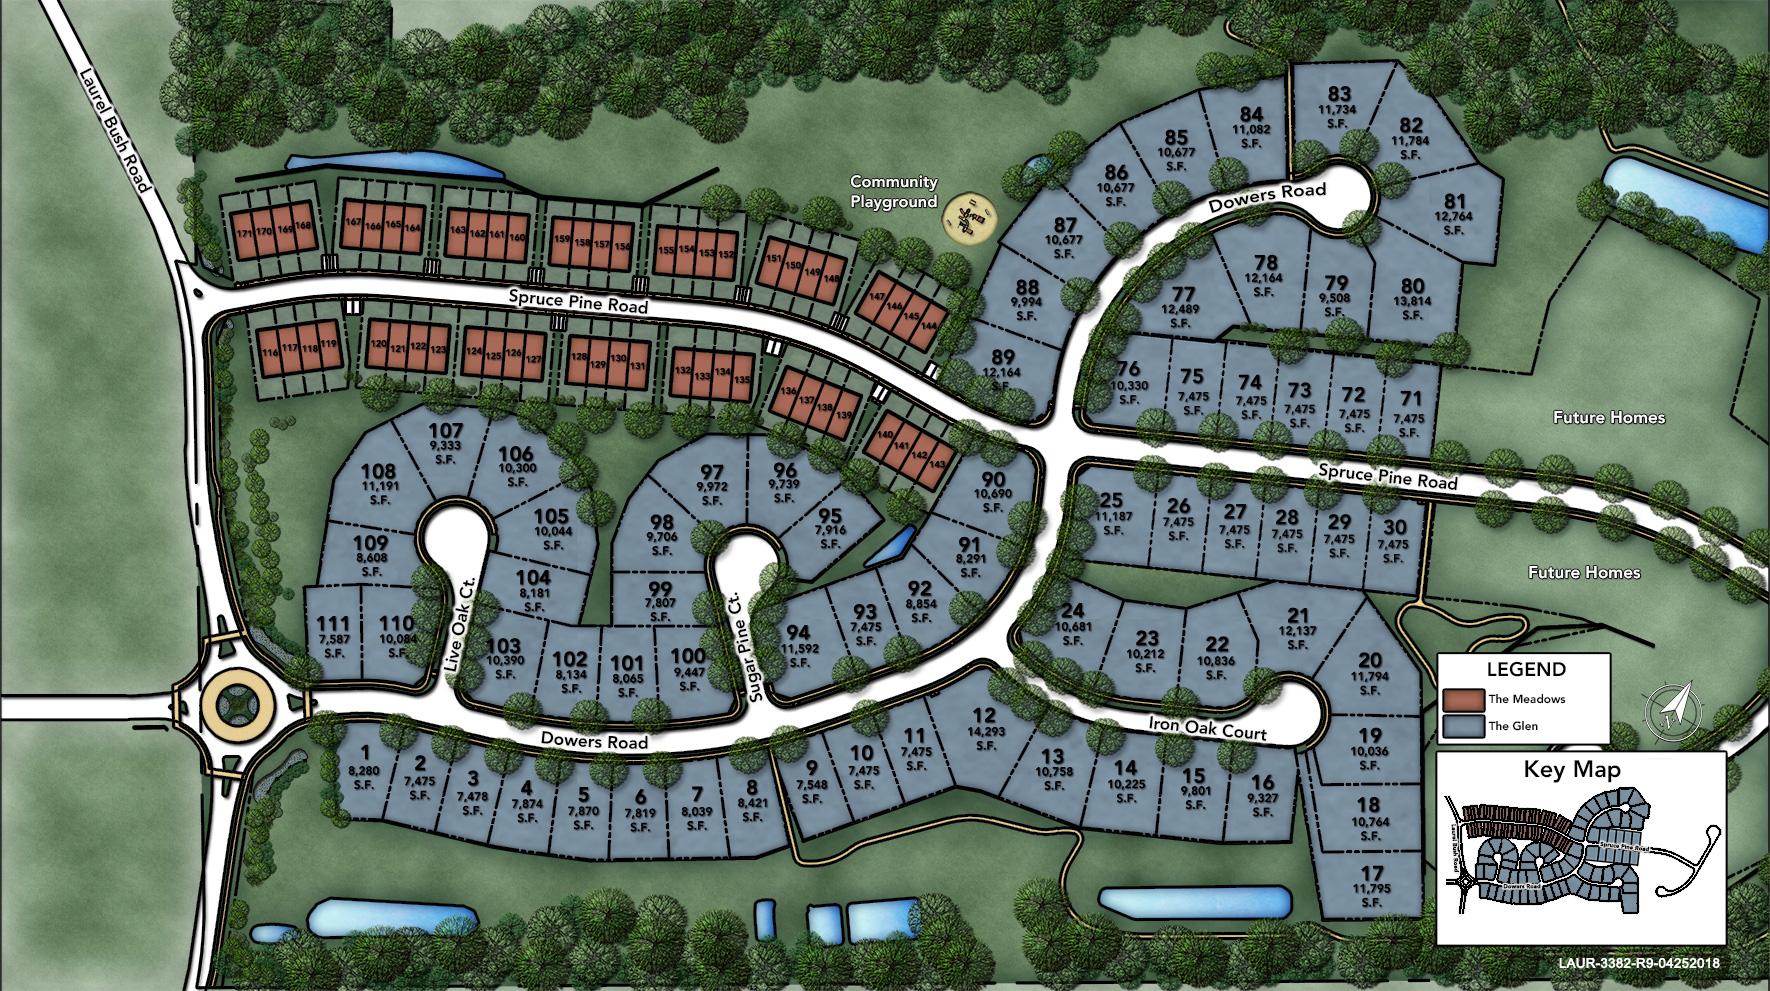 Laurel Ridge - The Glen Site Plan